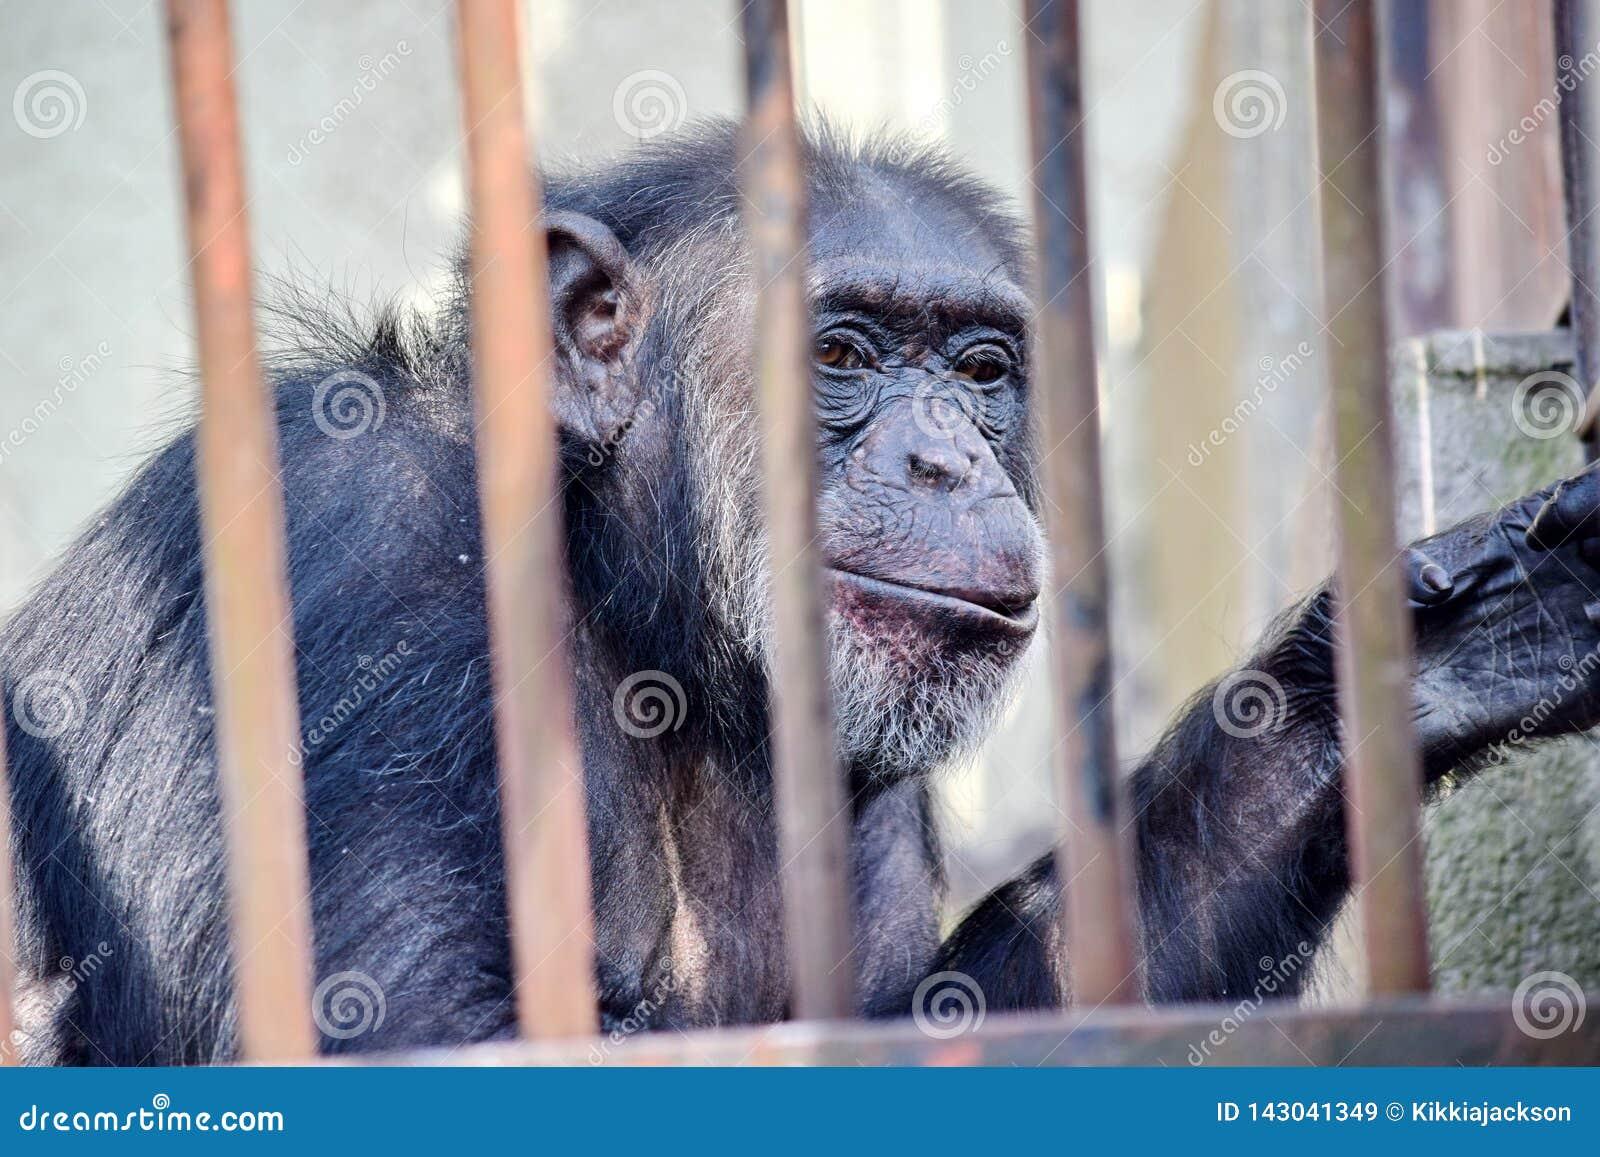 在酒吧平底锅穴居人圣猴子后的黑猩猩在没有空间的动物园里